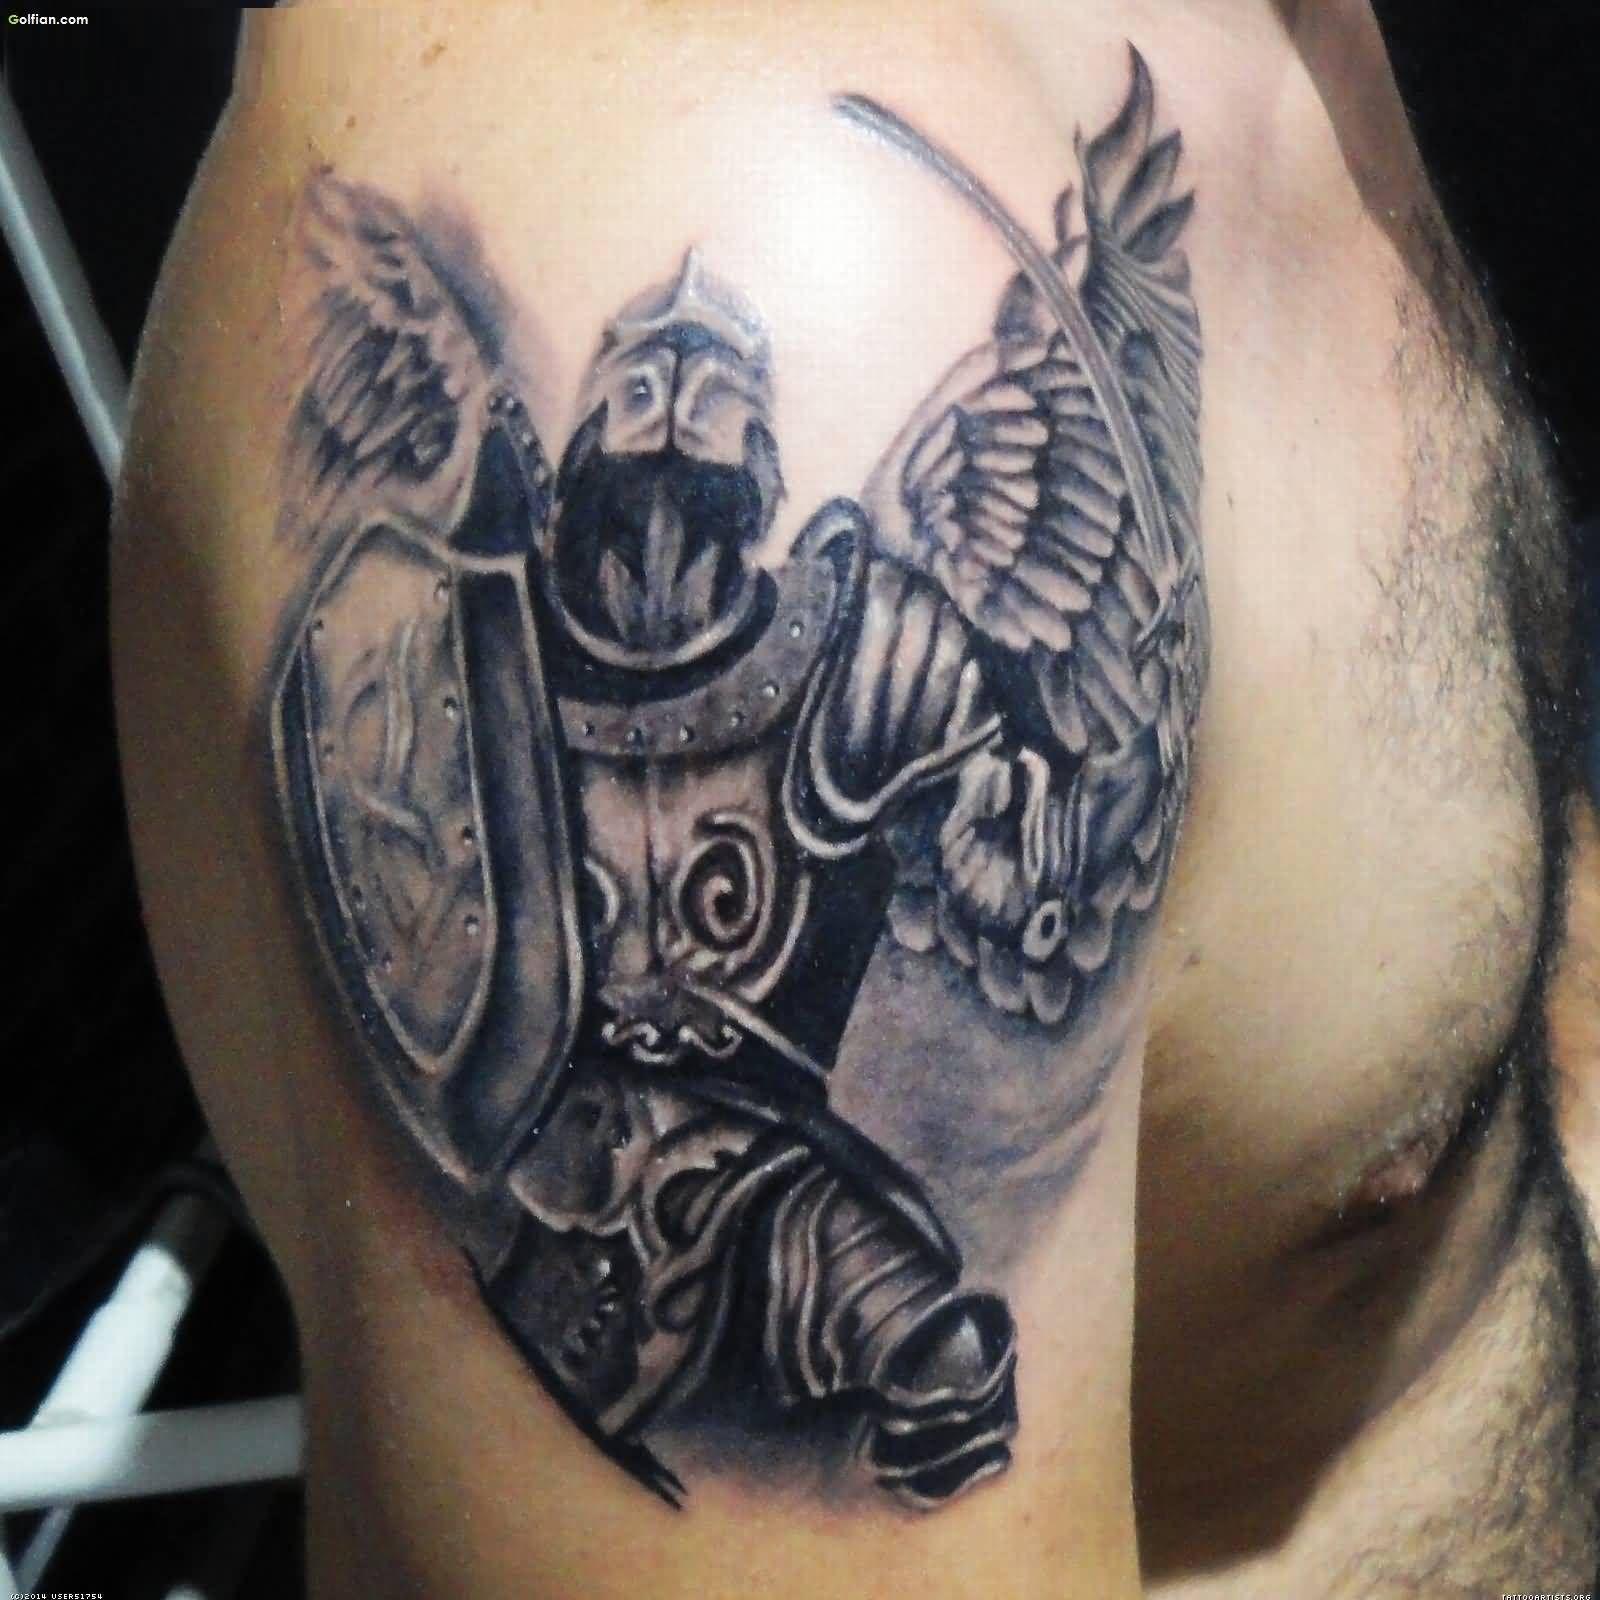 Amazing Angel Warrior Tattoos Ndash Best 3d Angel Fighter Tattoo Designs Warrior Tattoos Angel Warrior Tattoo Fighter Tattoo